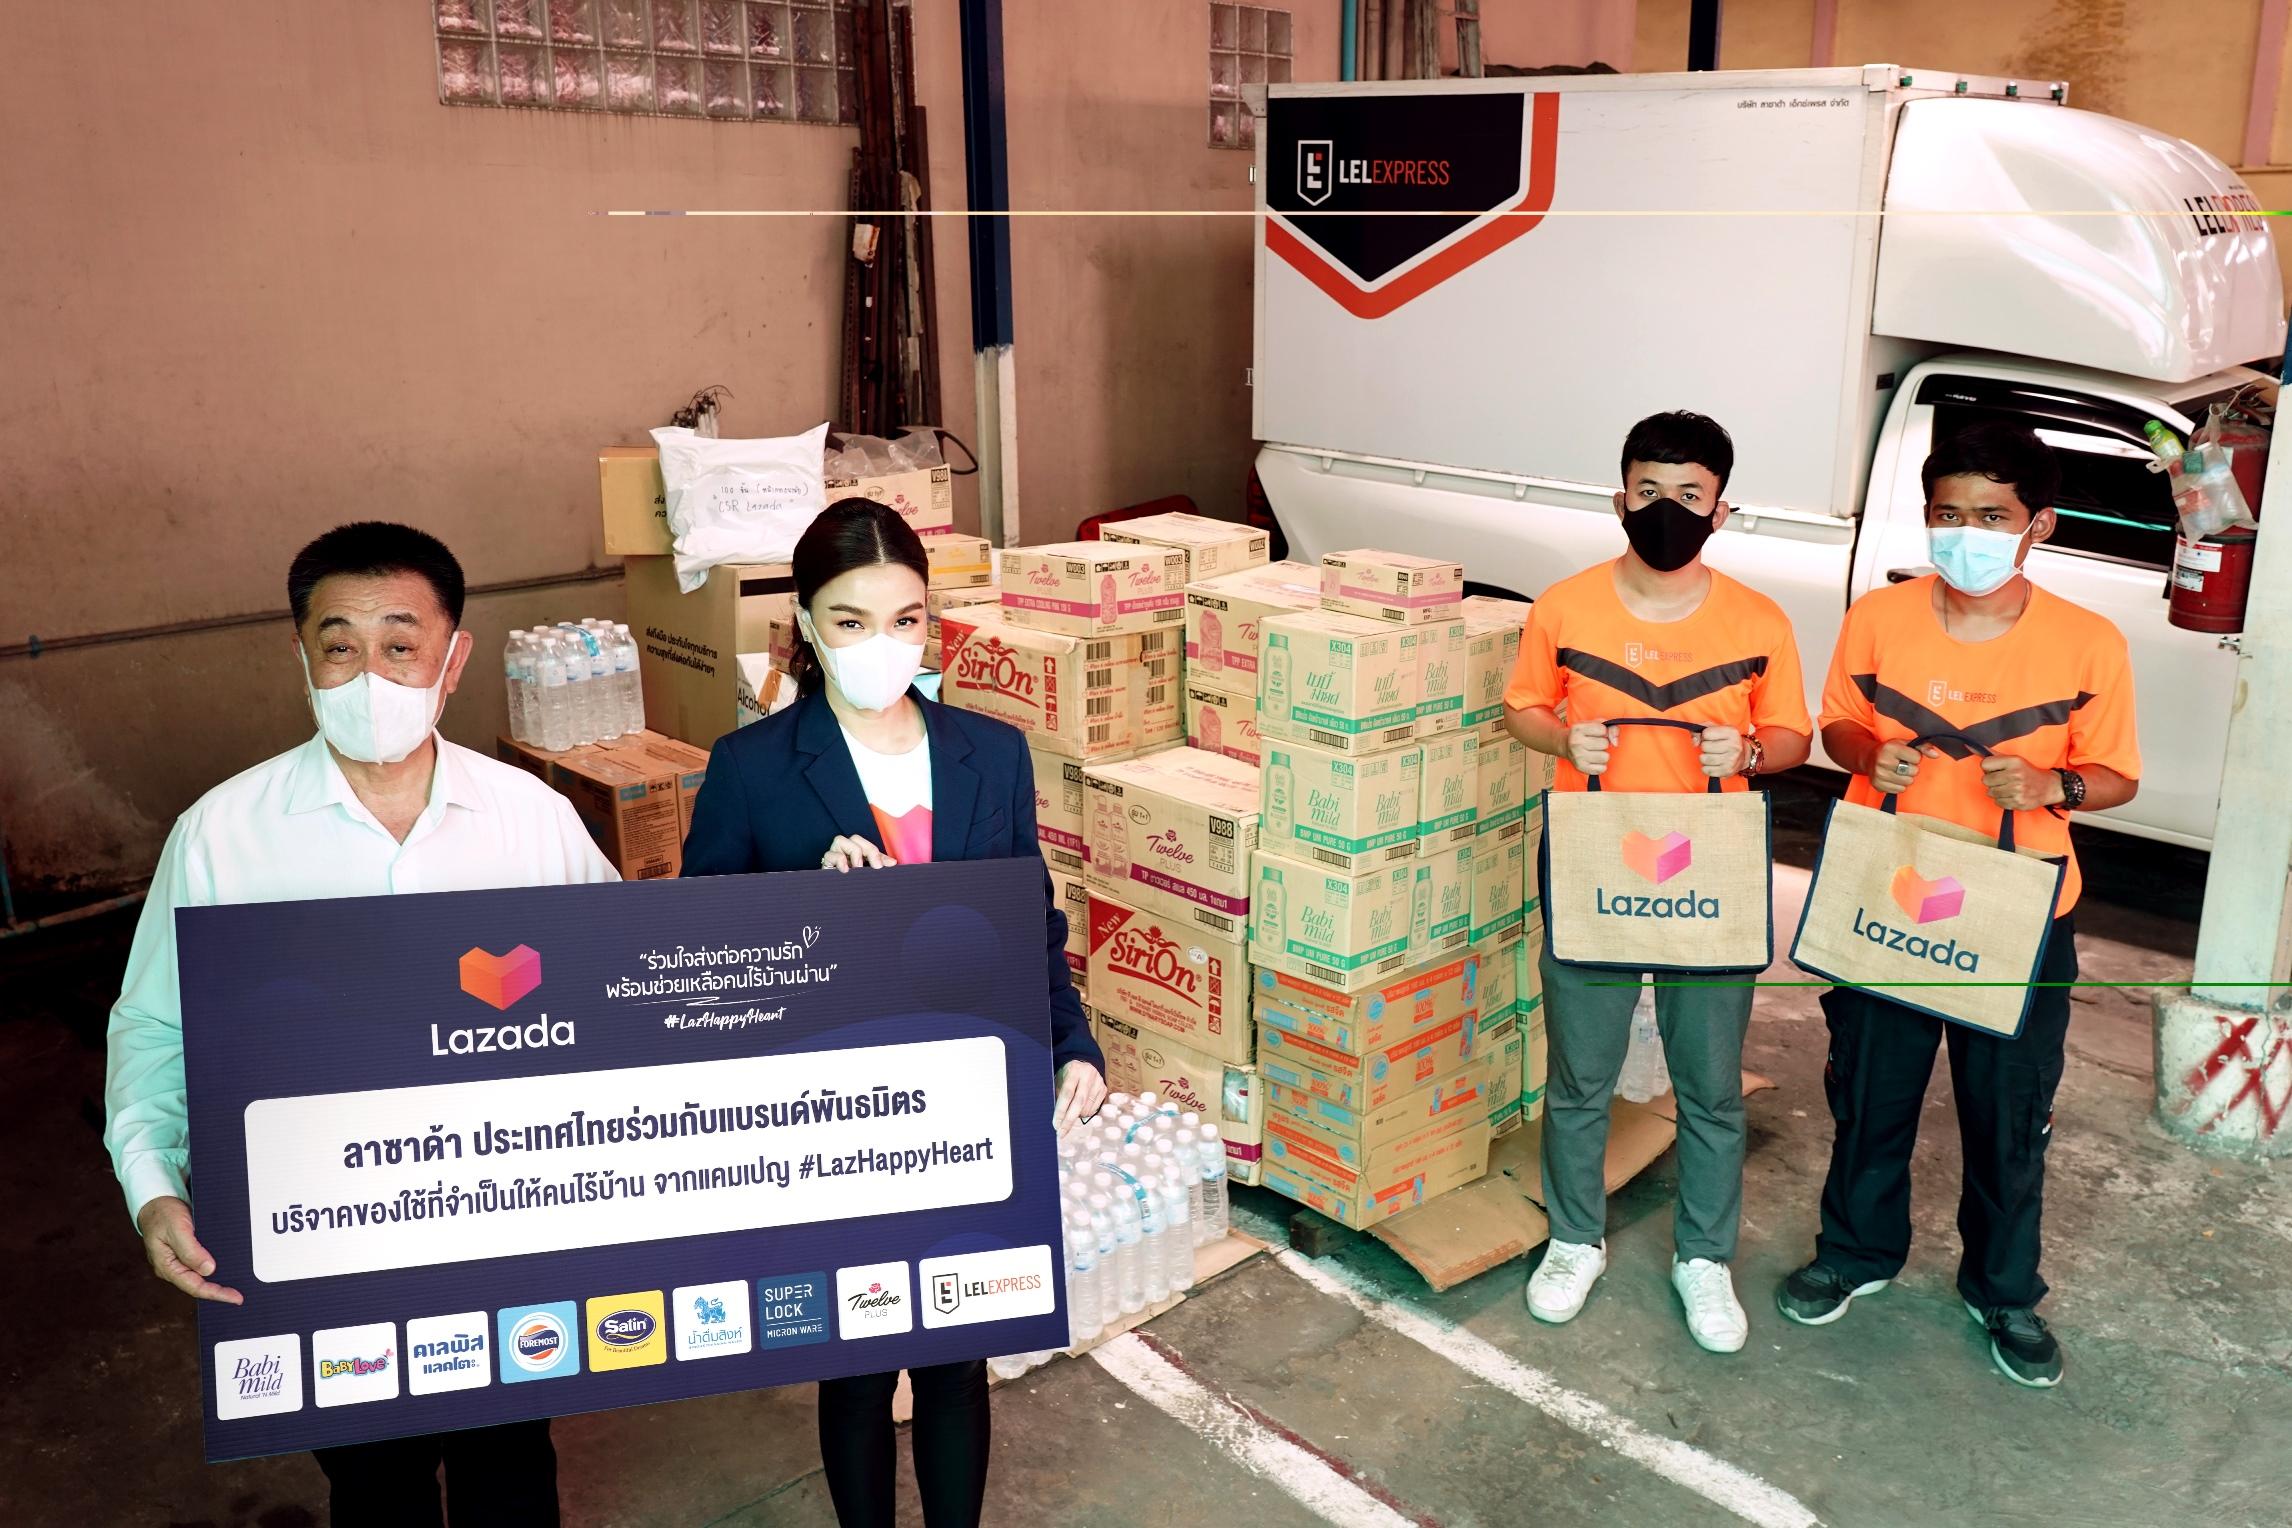 """ลาซาด้าส่งต่อพลังความดีผ่านโครงการ """"LazadaForGood ให้ทุกใจได้ทำดี"""" จับมือพันธมิตรมอบความช่วยเหลือให้คนไร้บ้านผ่านมูลนิธิอิสรชน พร้อมบริจาคเงินให้โรงพยาบาล 1.5 ล้านบาท"""